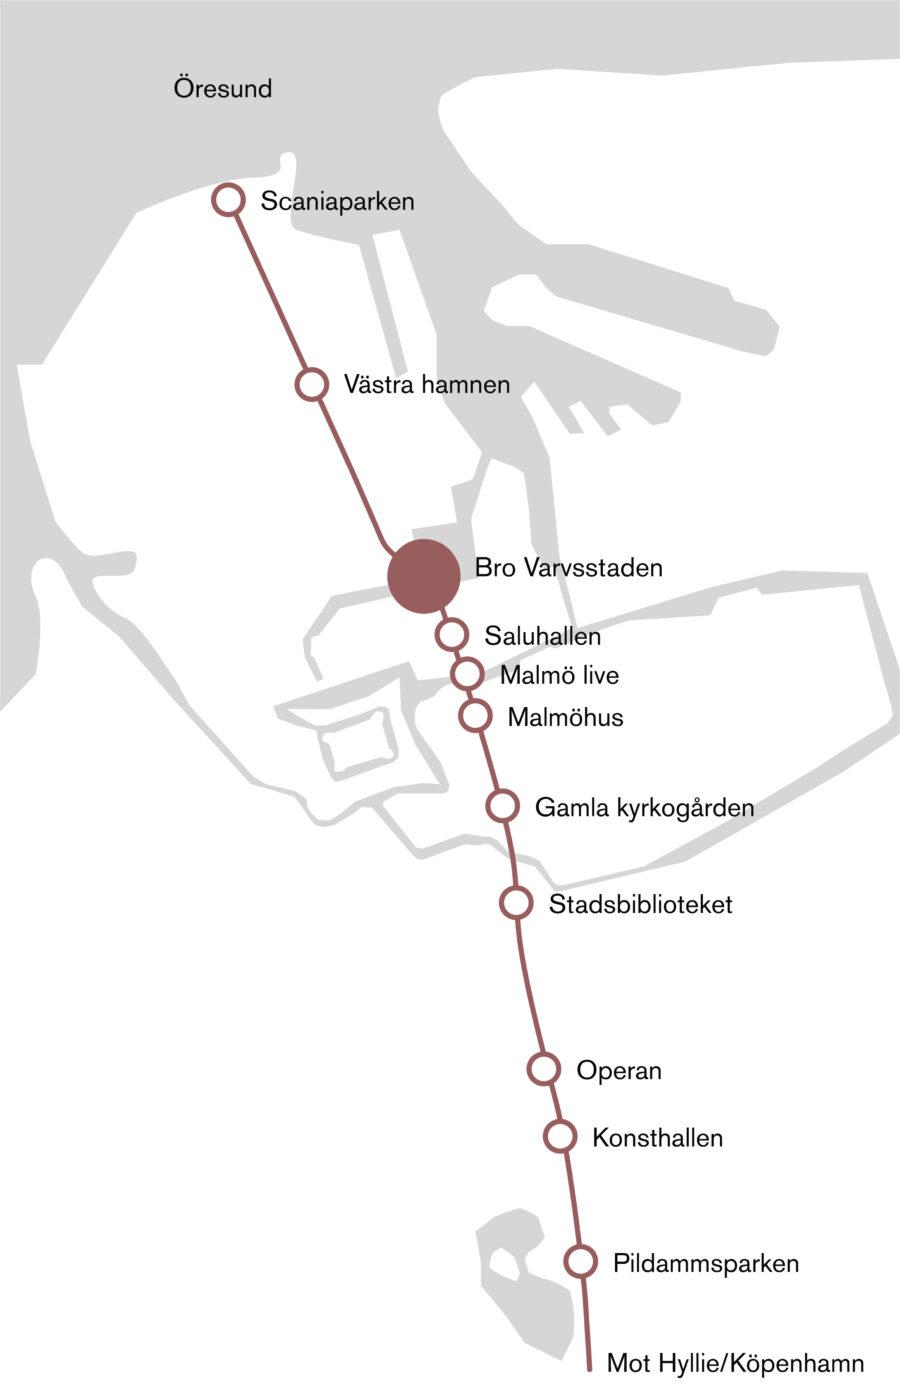 KjellanderSjoberg Bro Varvsstaden Diagram Site 03 3600x2324px